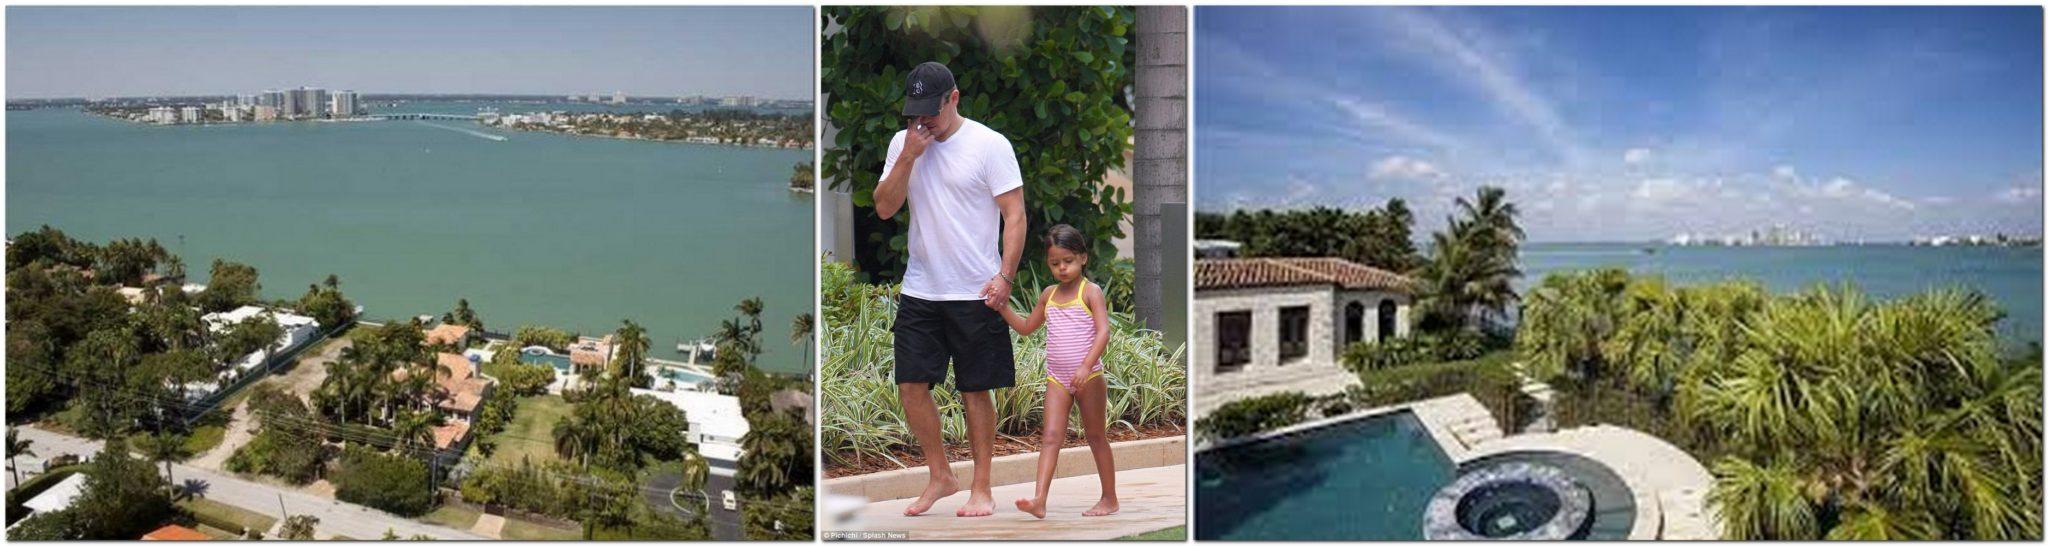 Matt Damon is in Miami, Florida,